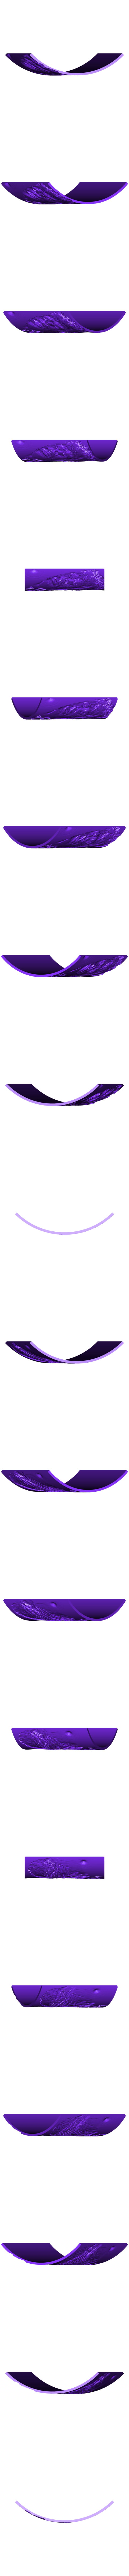 Johnny 2.stl Télécharger fichier STL Lithophane + Support Johnny Hallyday Aigle + Signature • Modèle pour imprimante 3D, Babynavy